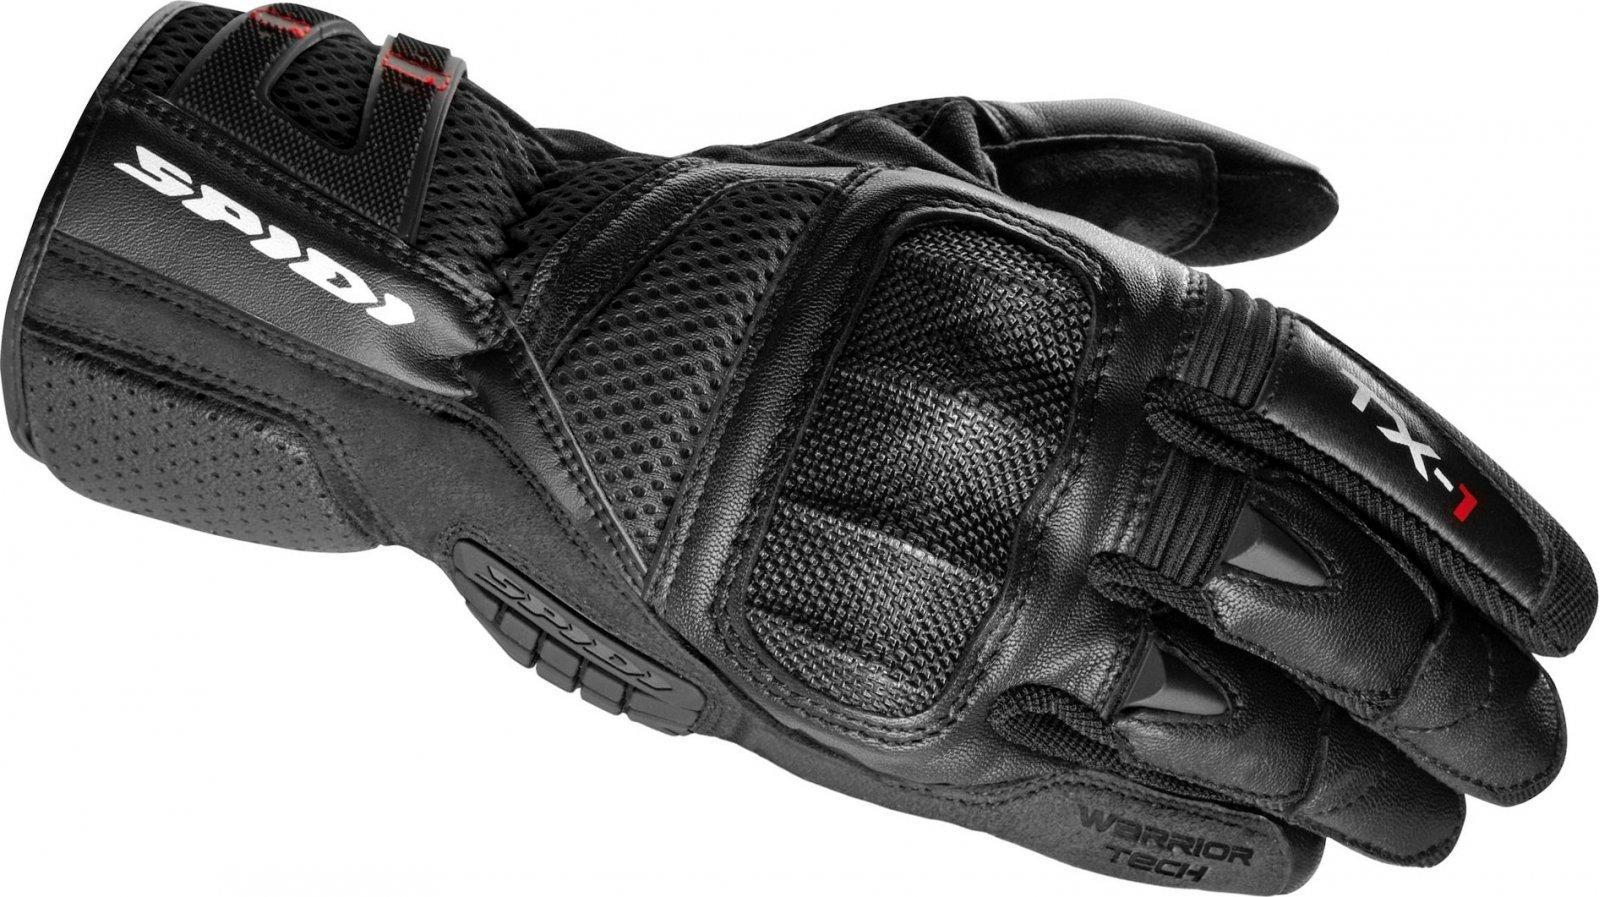 Spidi TX-1 rukavice černé L od 2 456 Kč • Zboží.cz 494b1b16fa